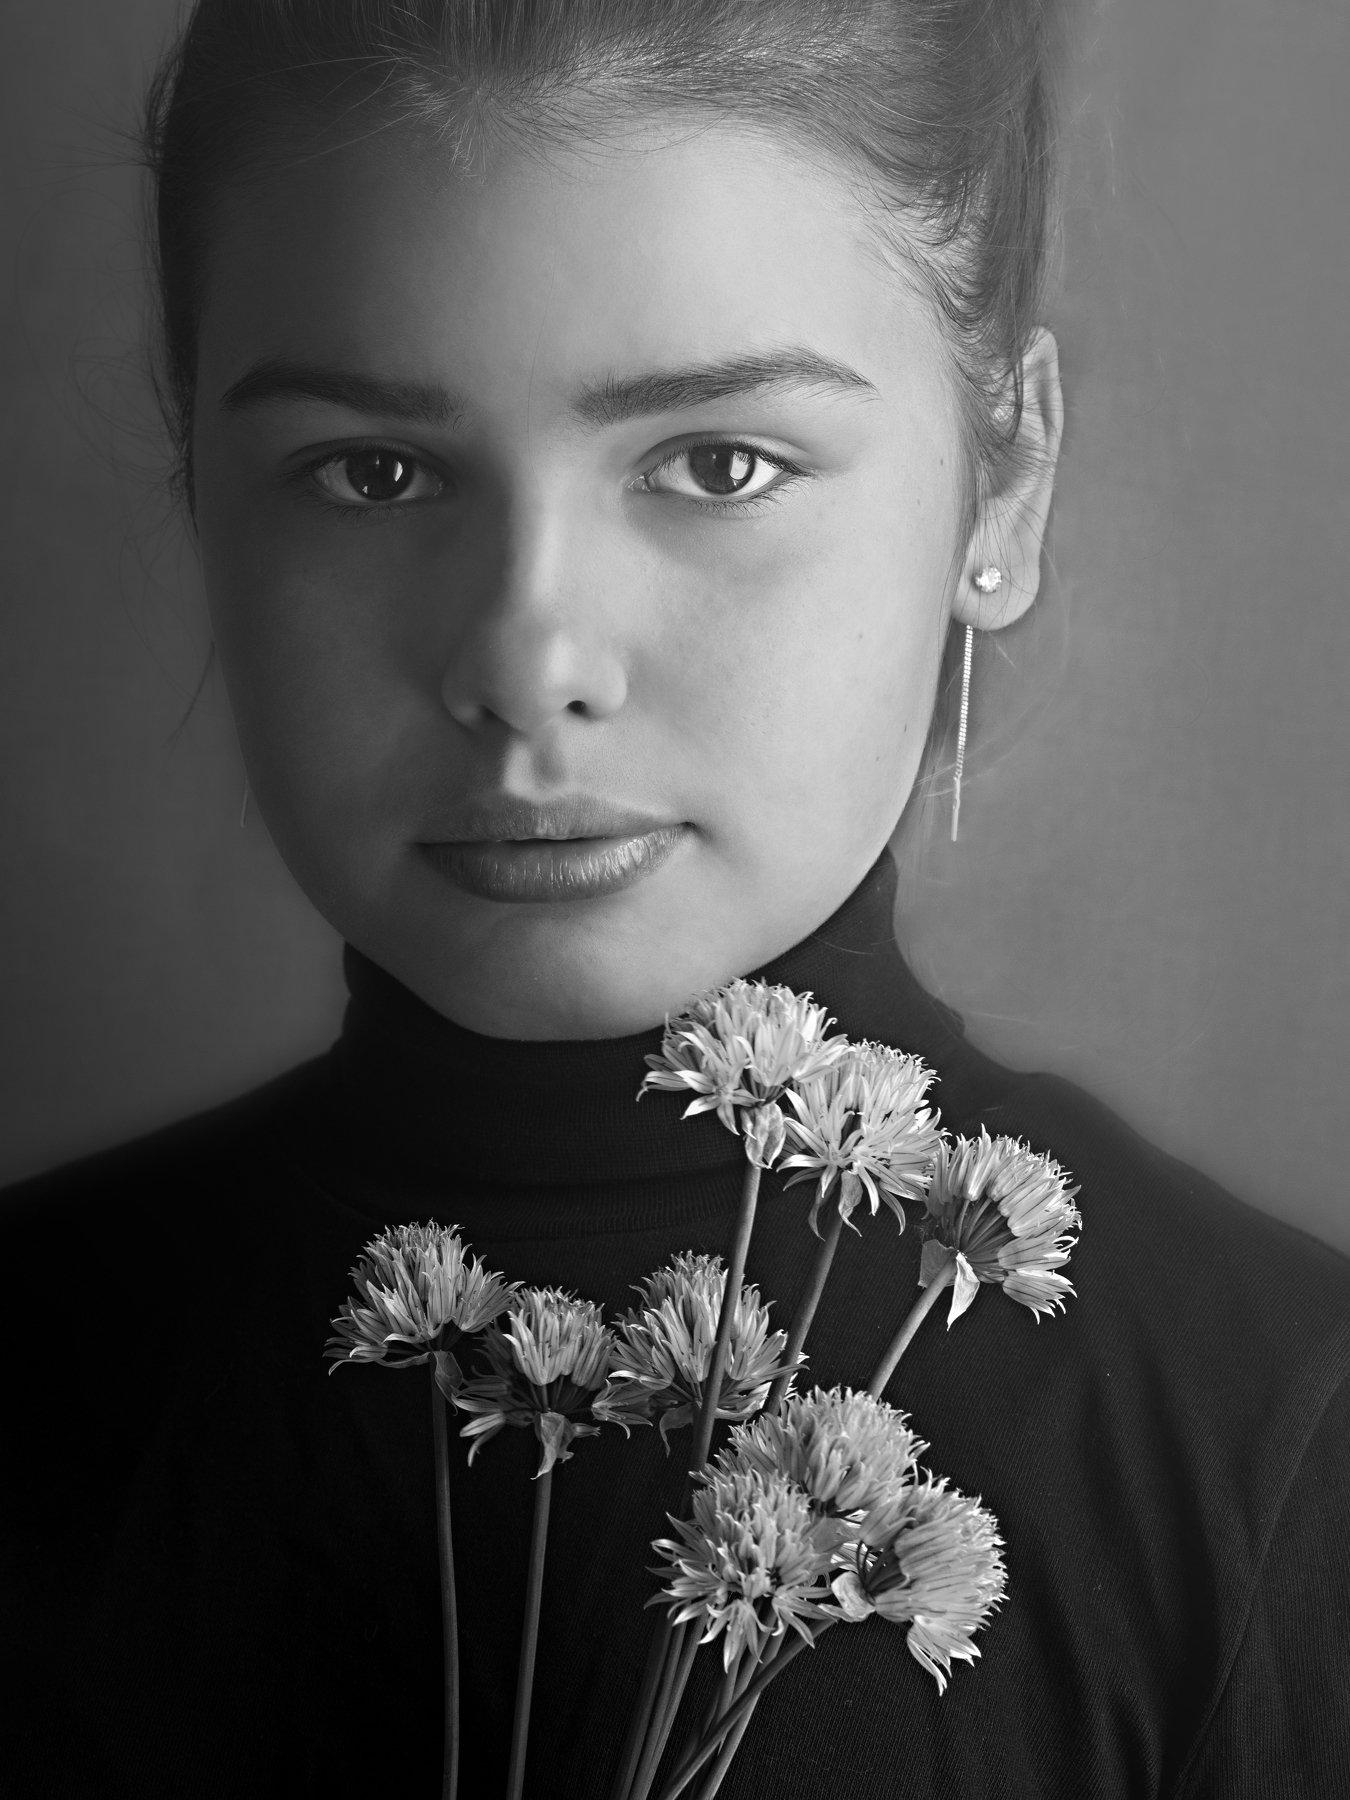 портрет, чернобелое, чернобелыйпортрет, олимпус, анна шацкая